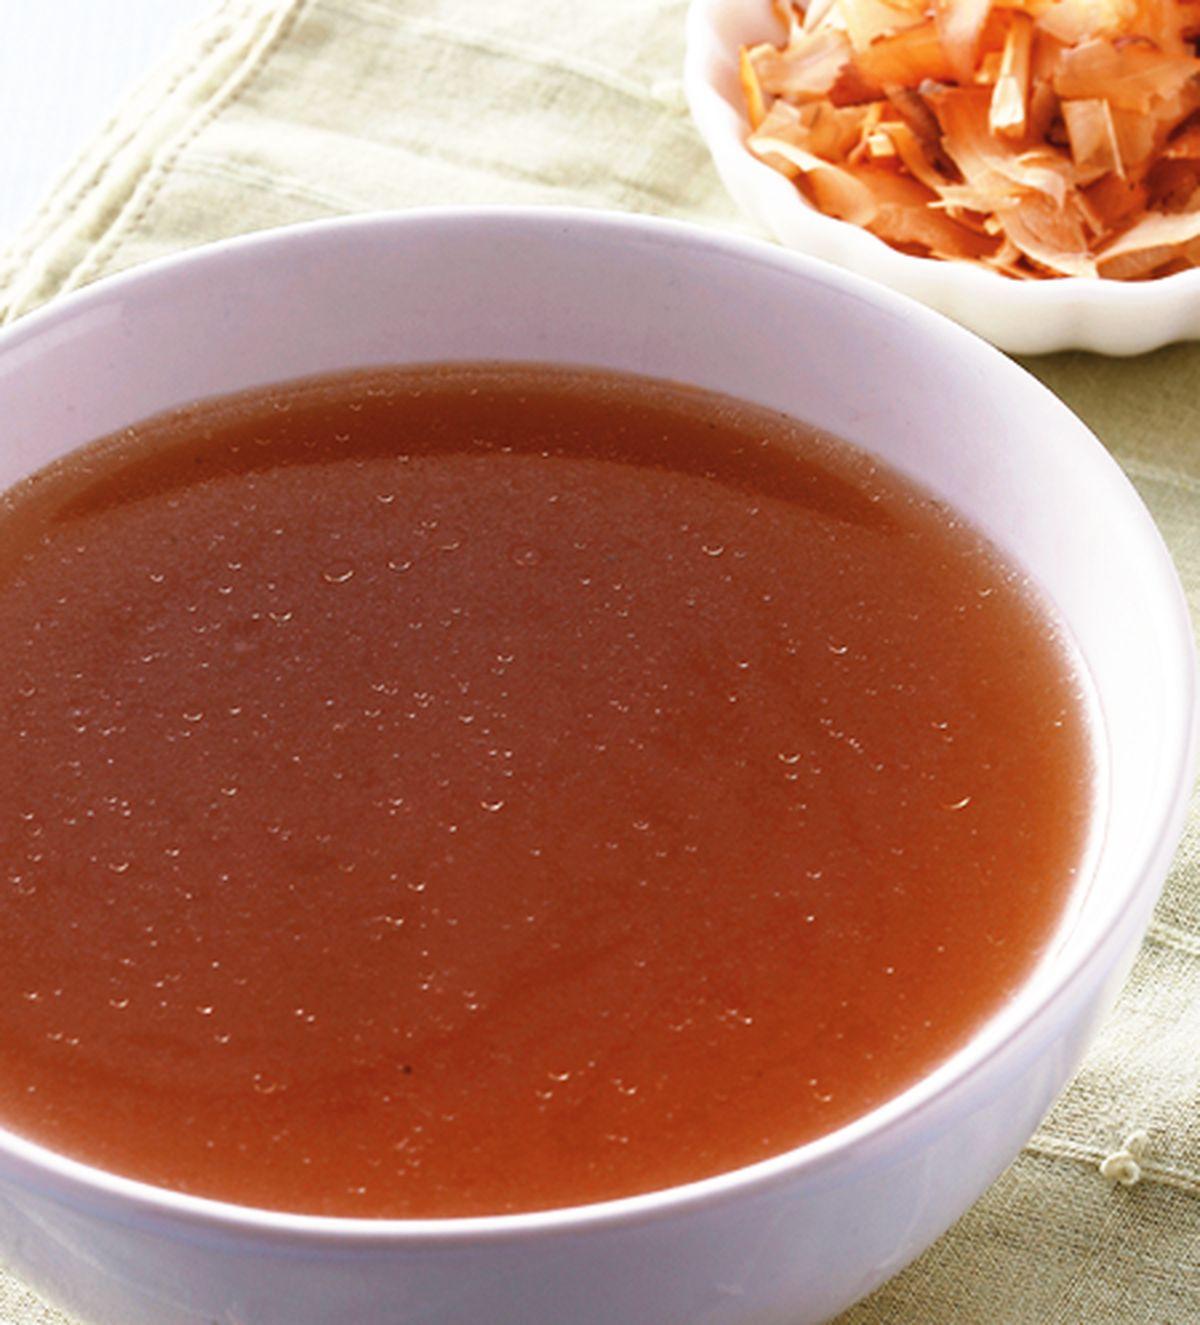 食譜:煮汁牛肉湯